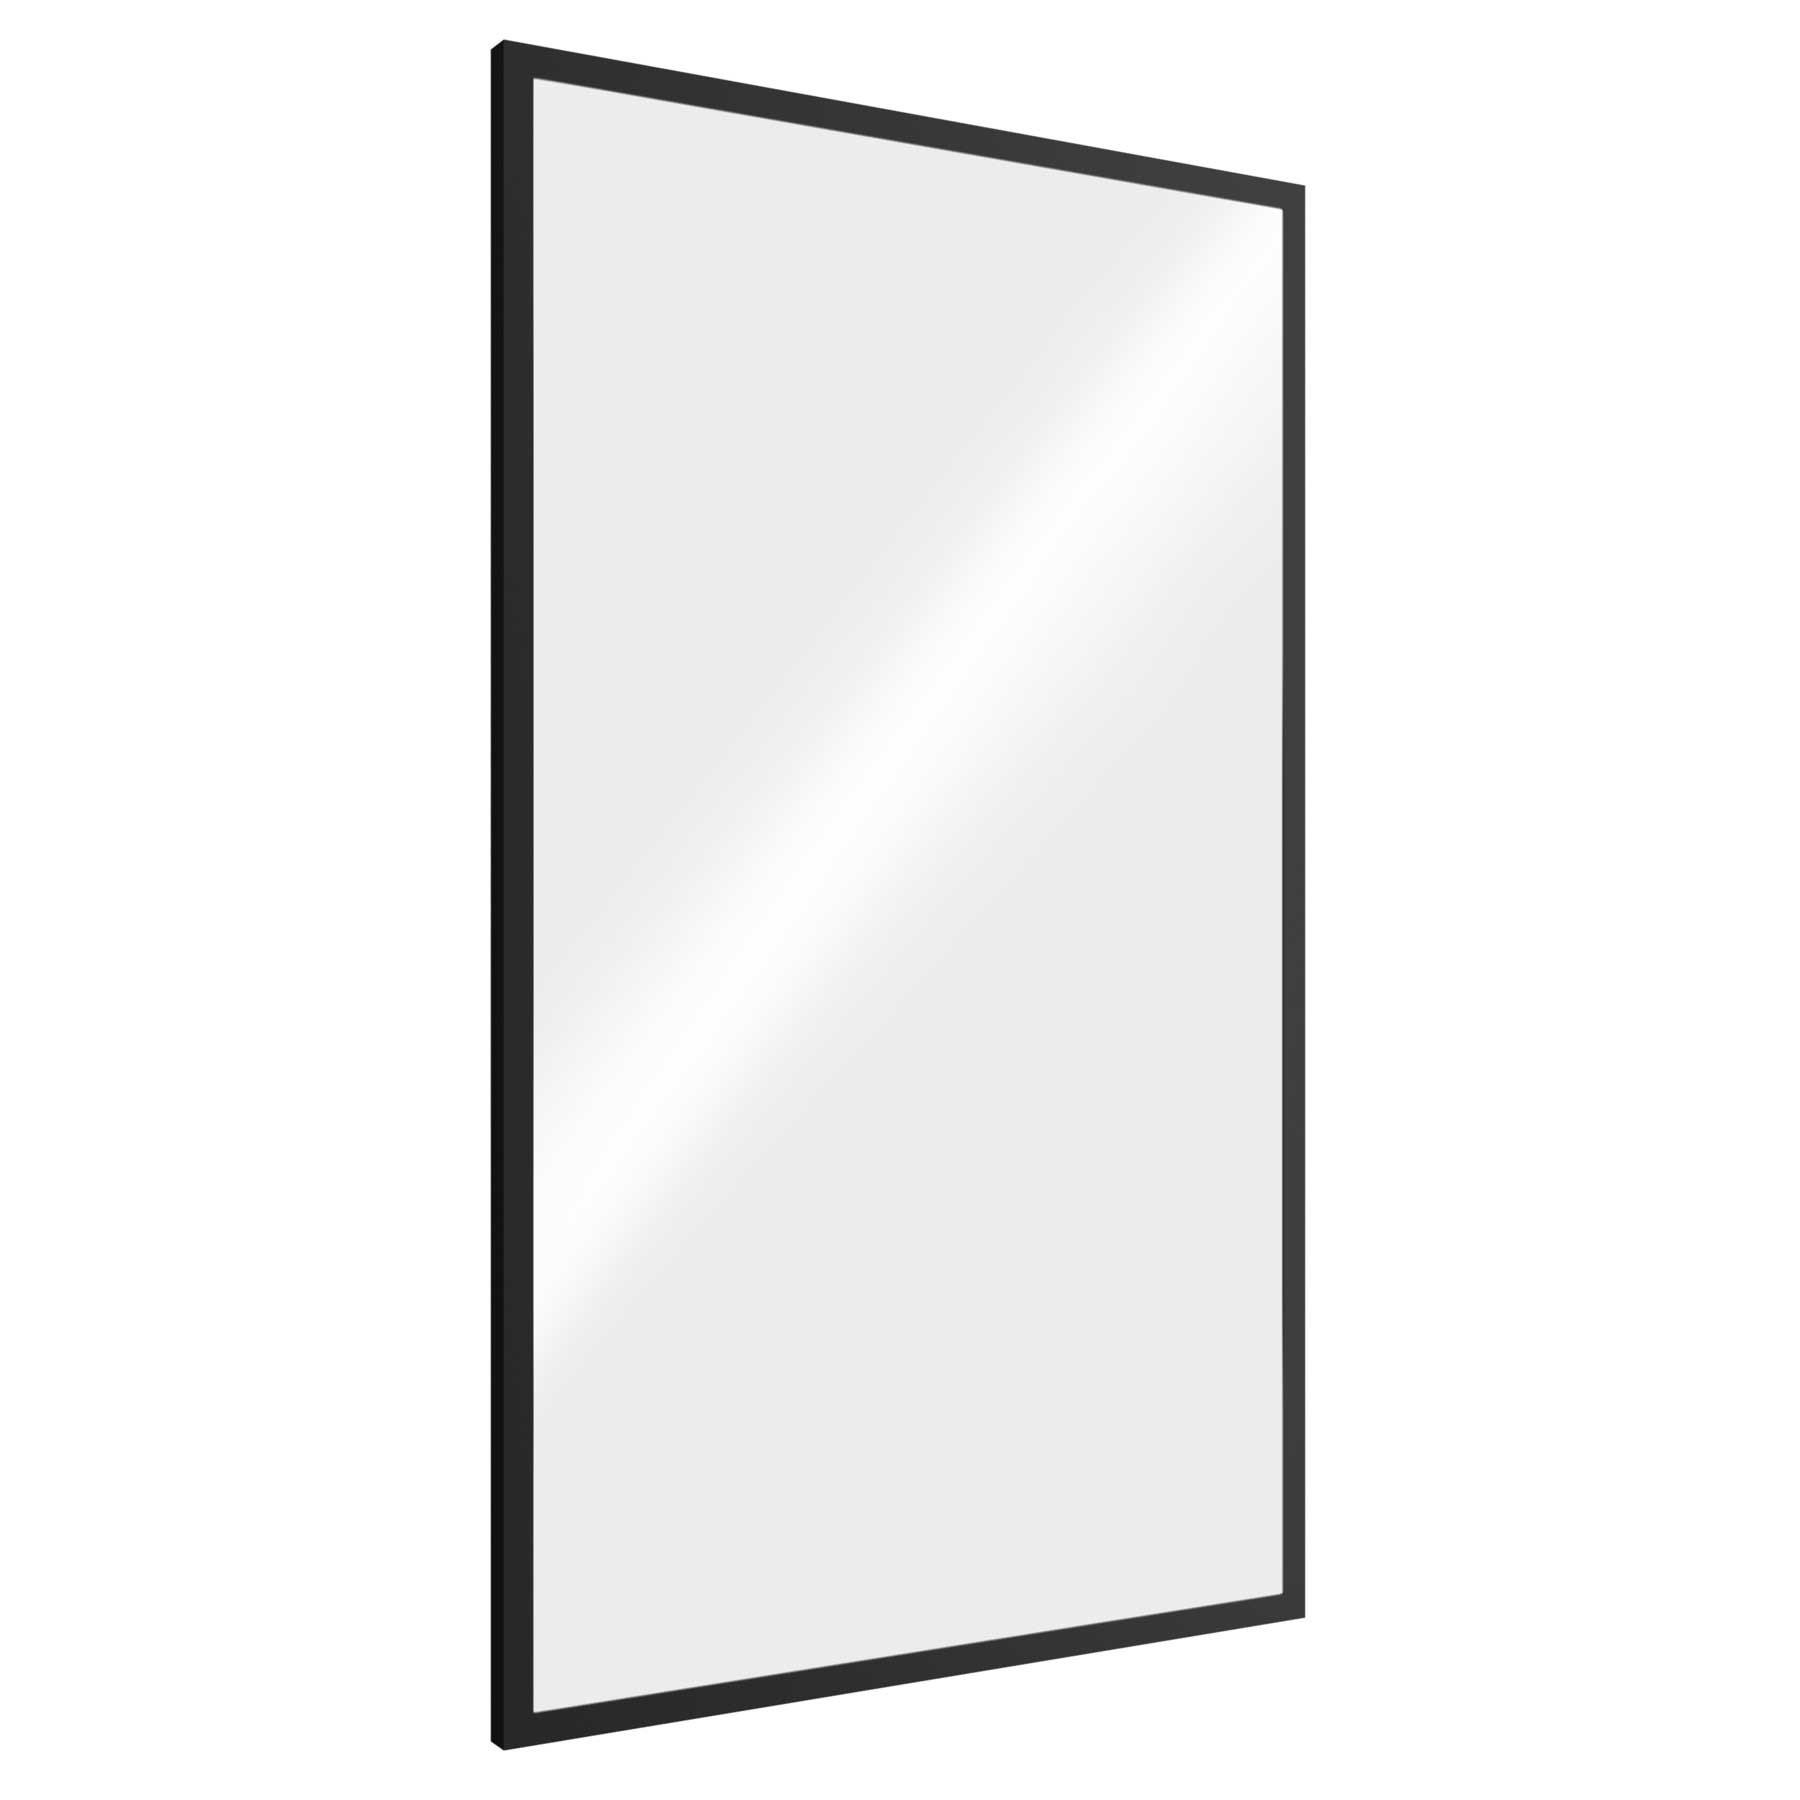 Espejo Vinci de 60x80